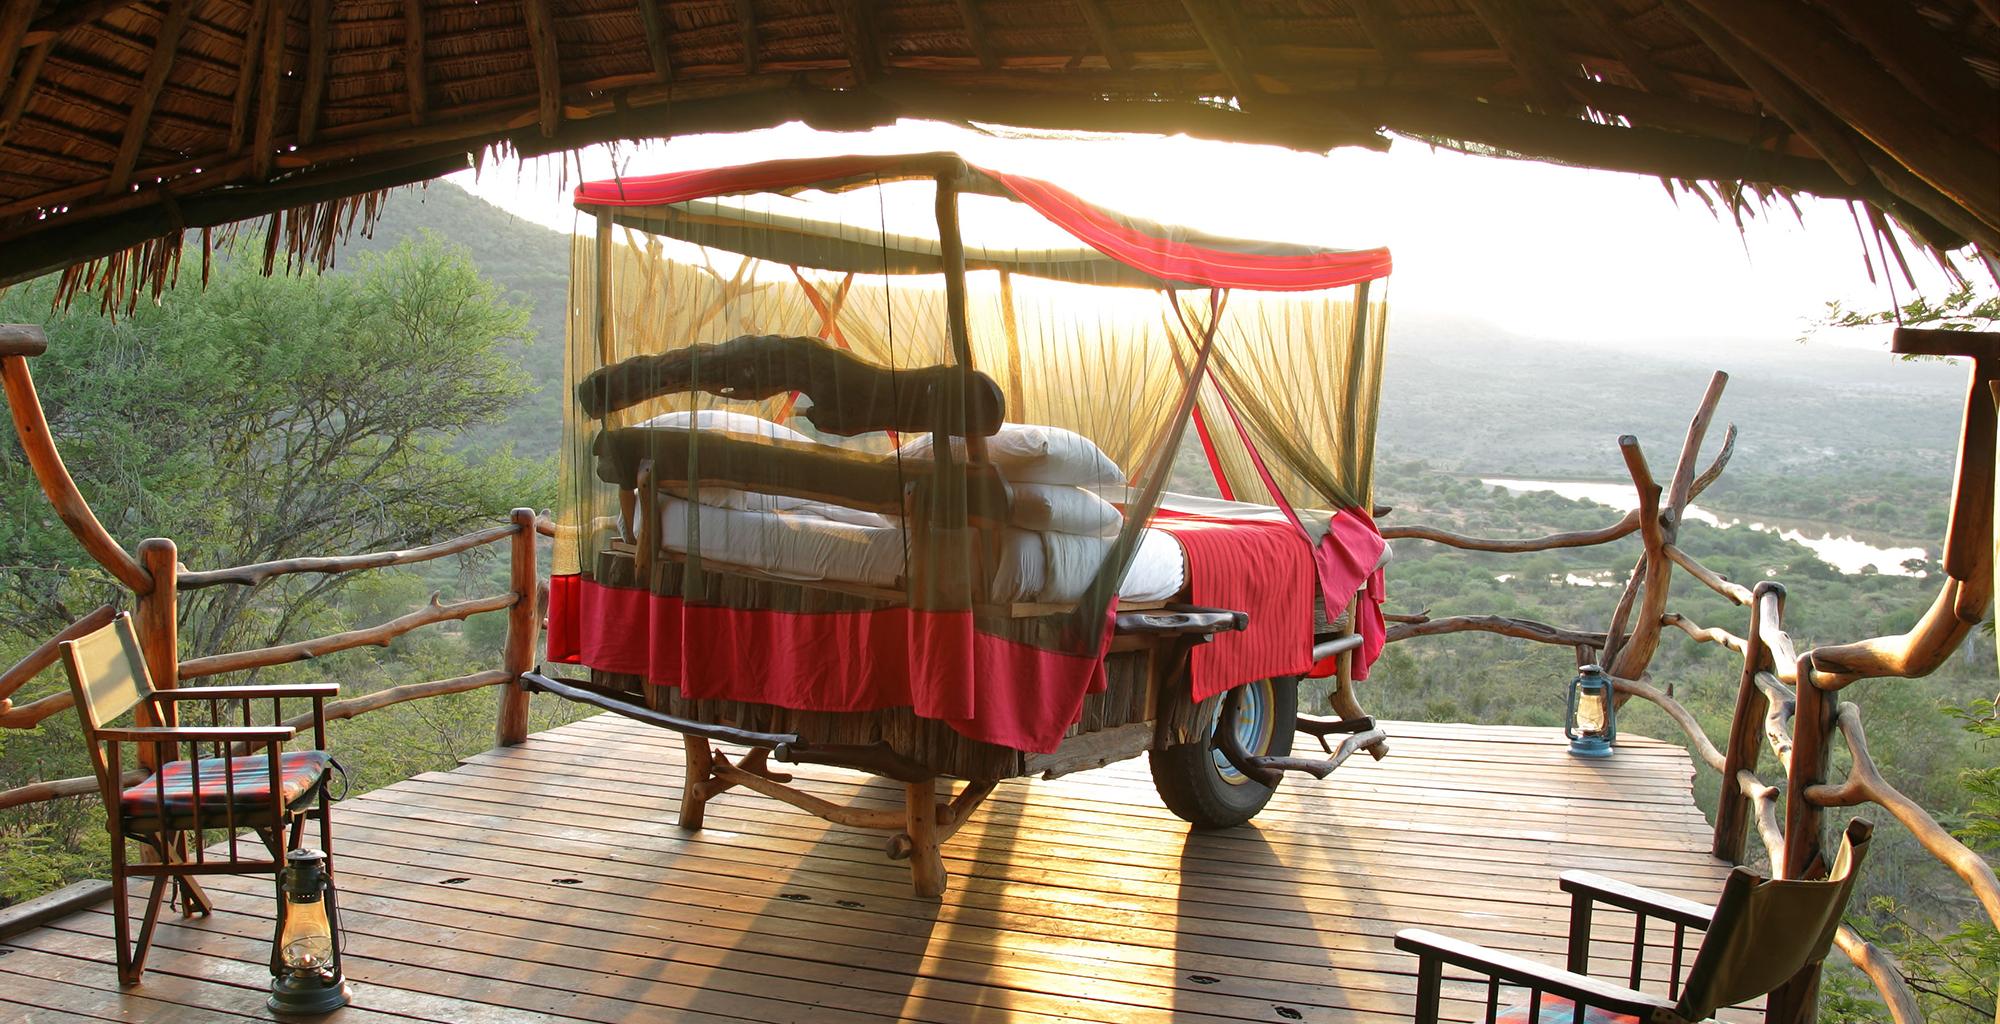 Kenya-Loisaba-Star-Beds-Bed